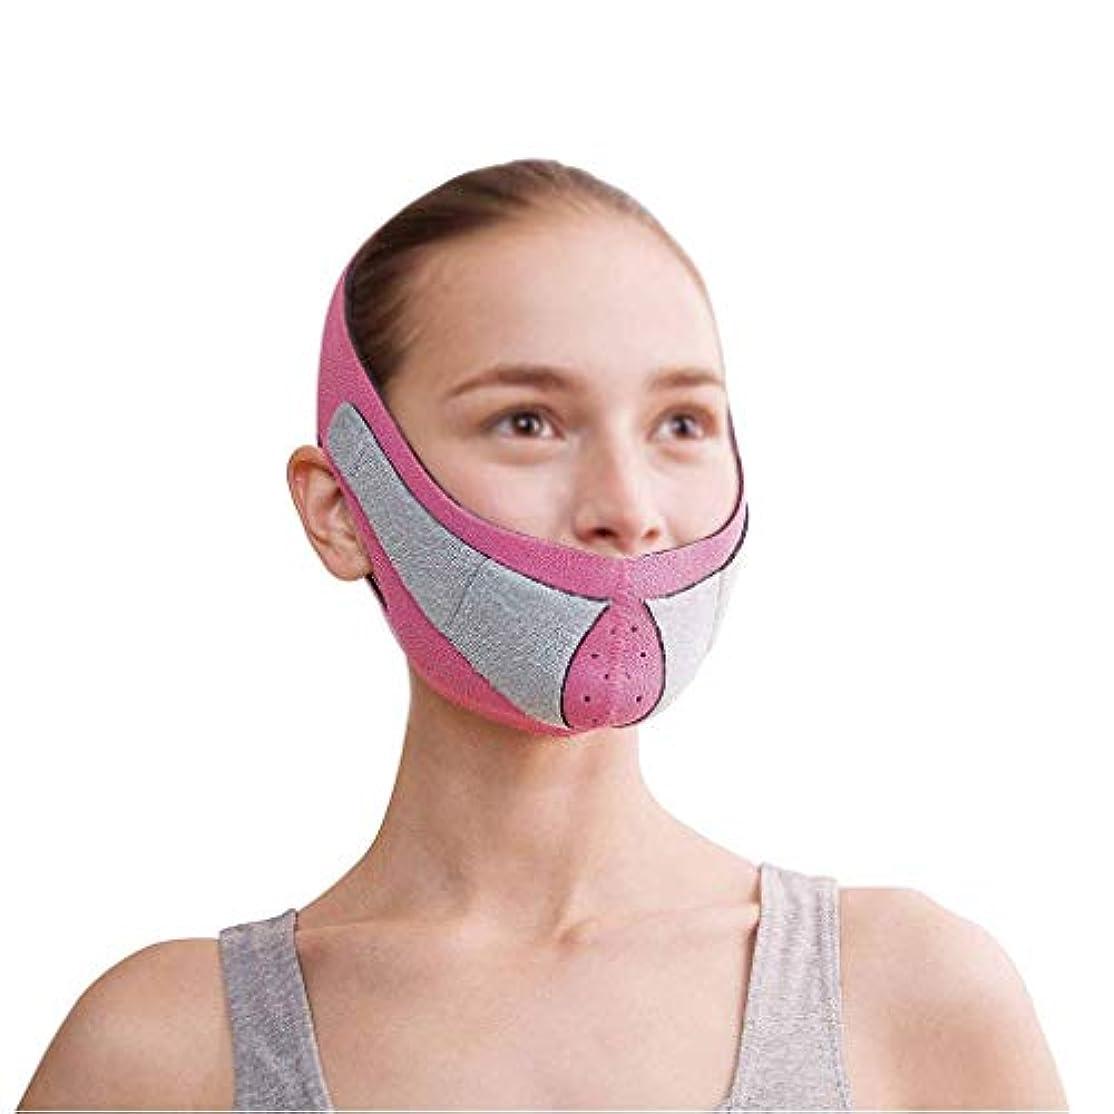 接続された絶妙恋人フェイスリフトマスク、たるみ防止除去法パターンフェイシャルリフティングリフティングマスク